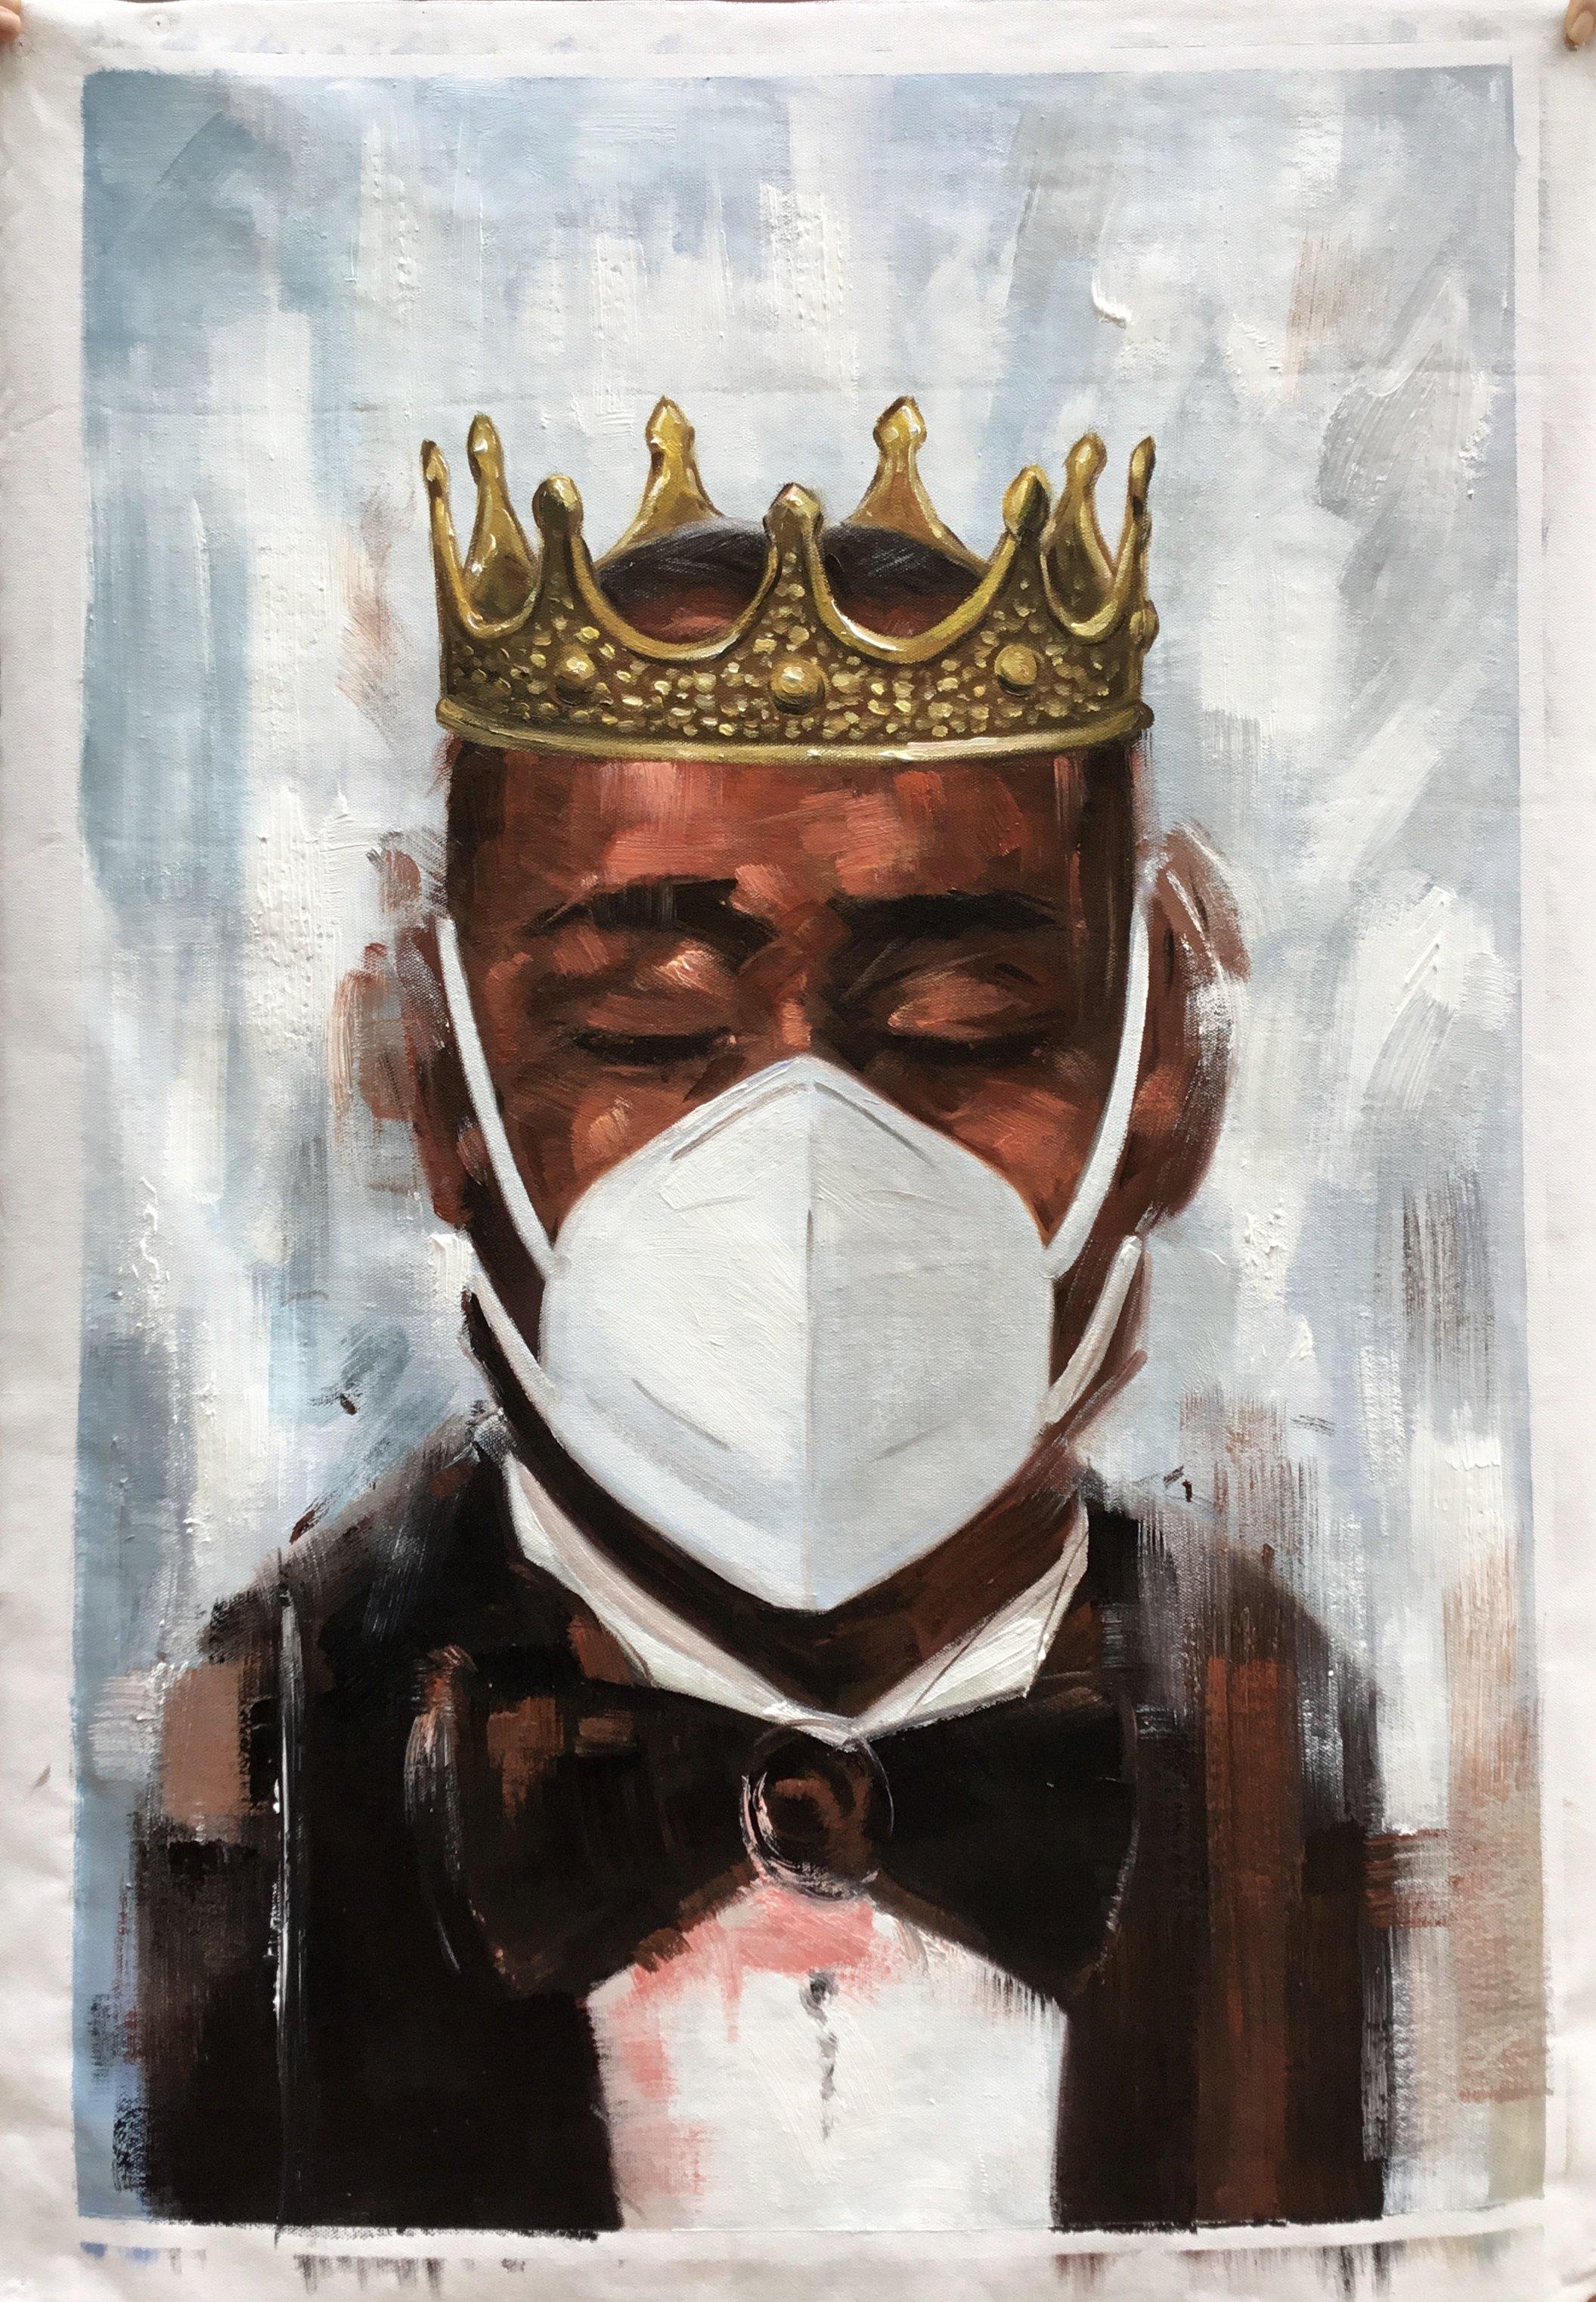 ahmaud-arbery-2021-art-trend-2020-monument-oil-painting